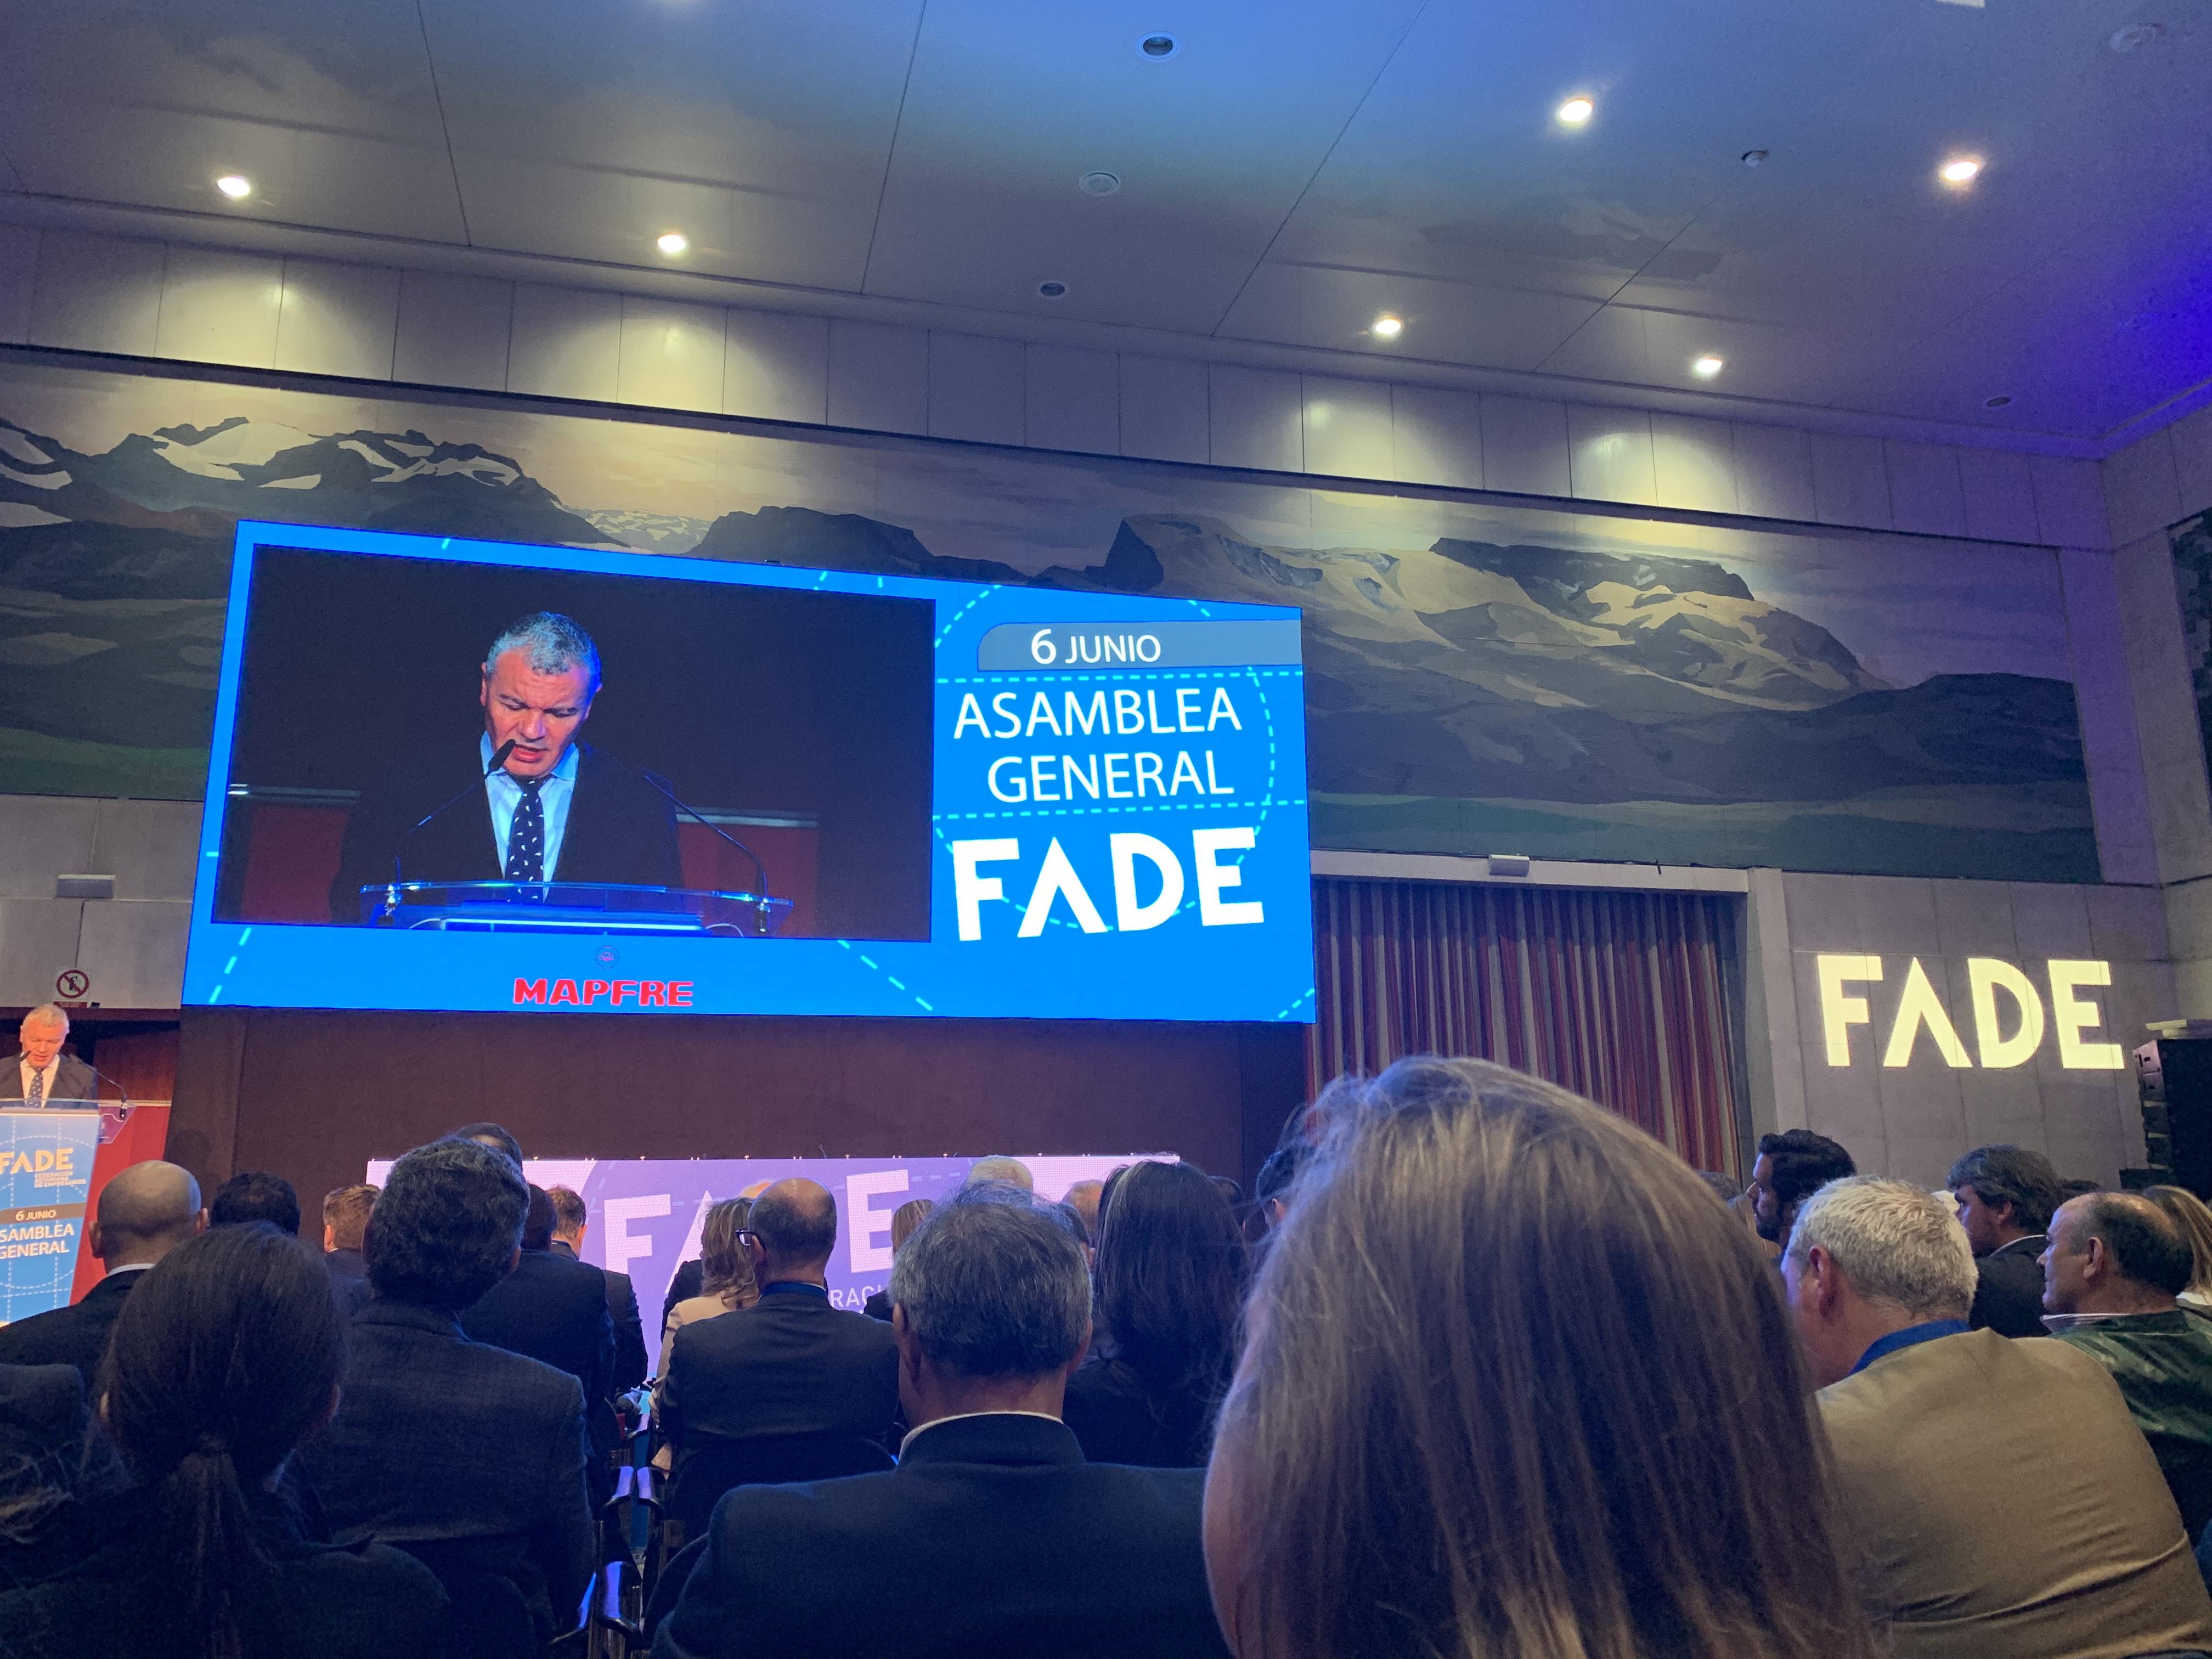 Fenitel participa en la Asamblea General de la Federación Asturiana de Empresarios 1 Una delegación de nuestra Federación asistió a la Asamblea General Anual de la Federación Asturiana de Empresarios, que fue clausurada por el presidente de